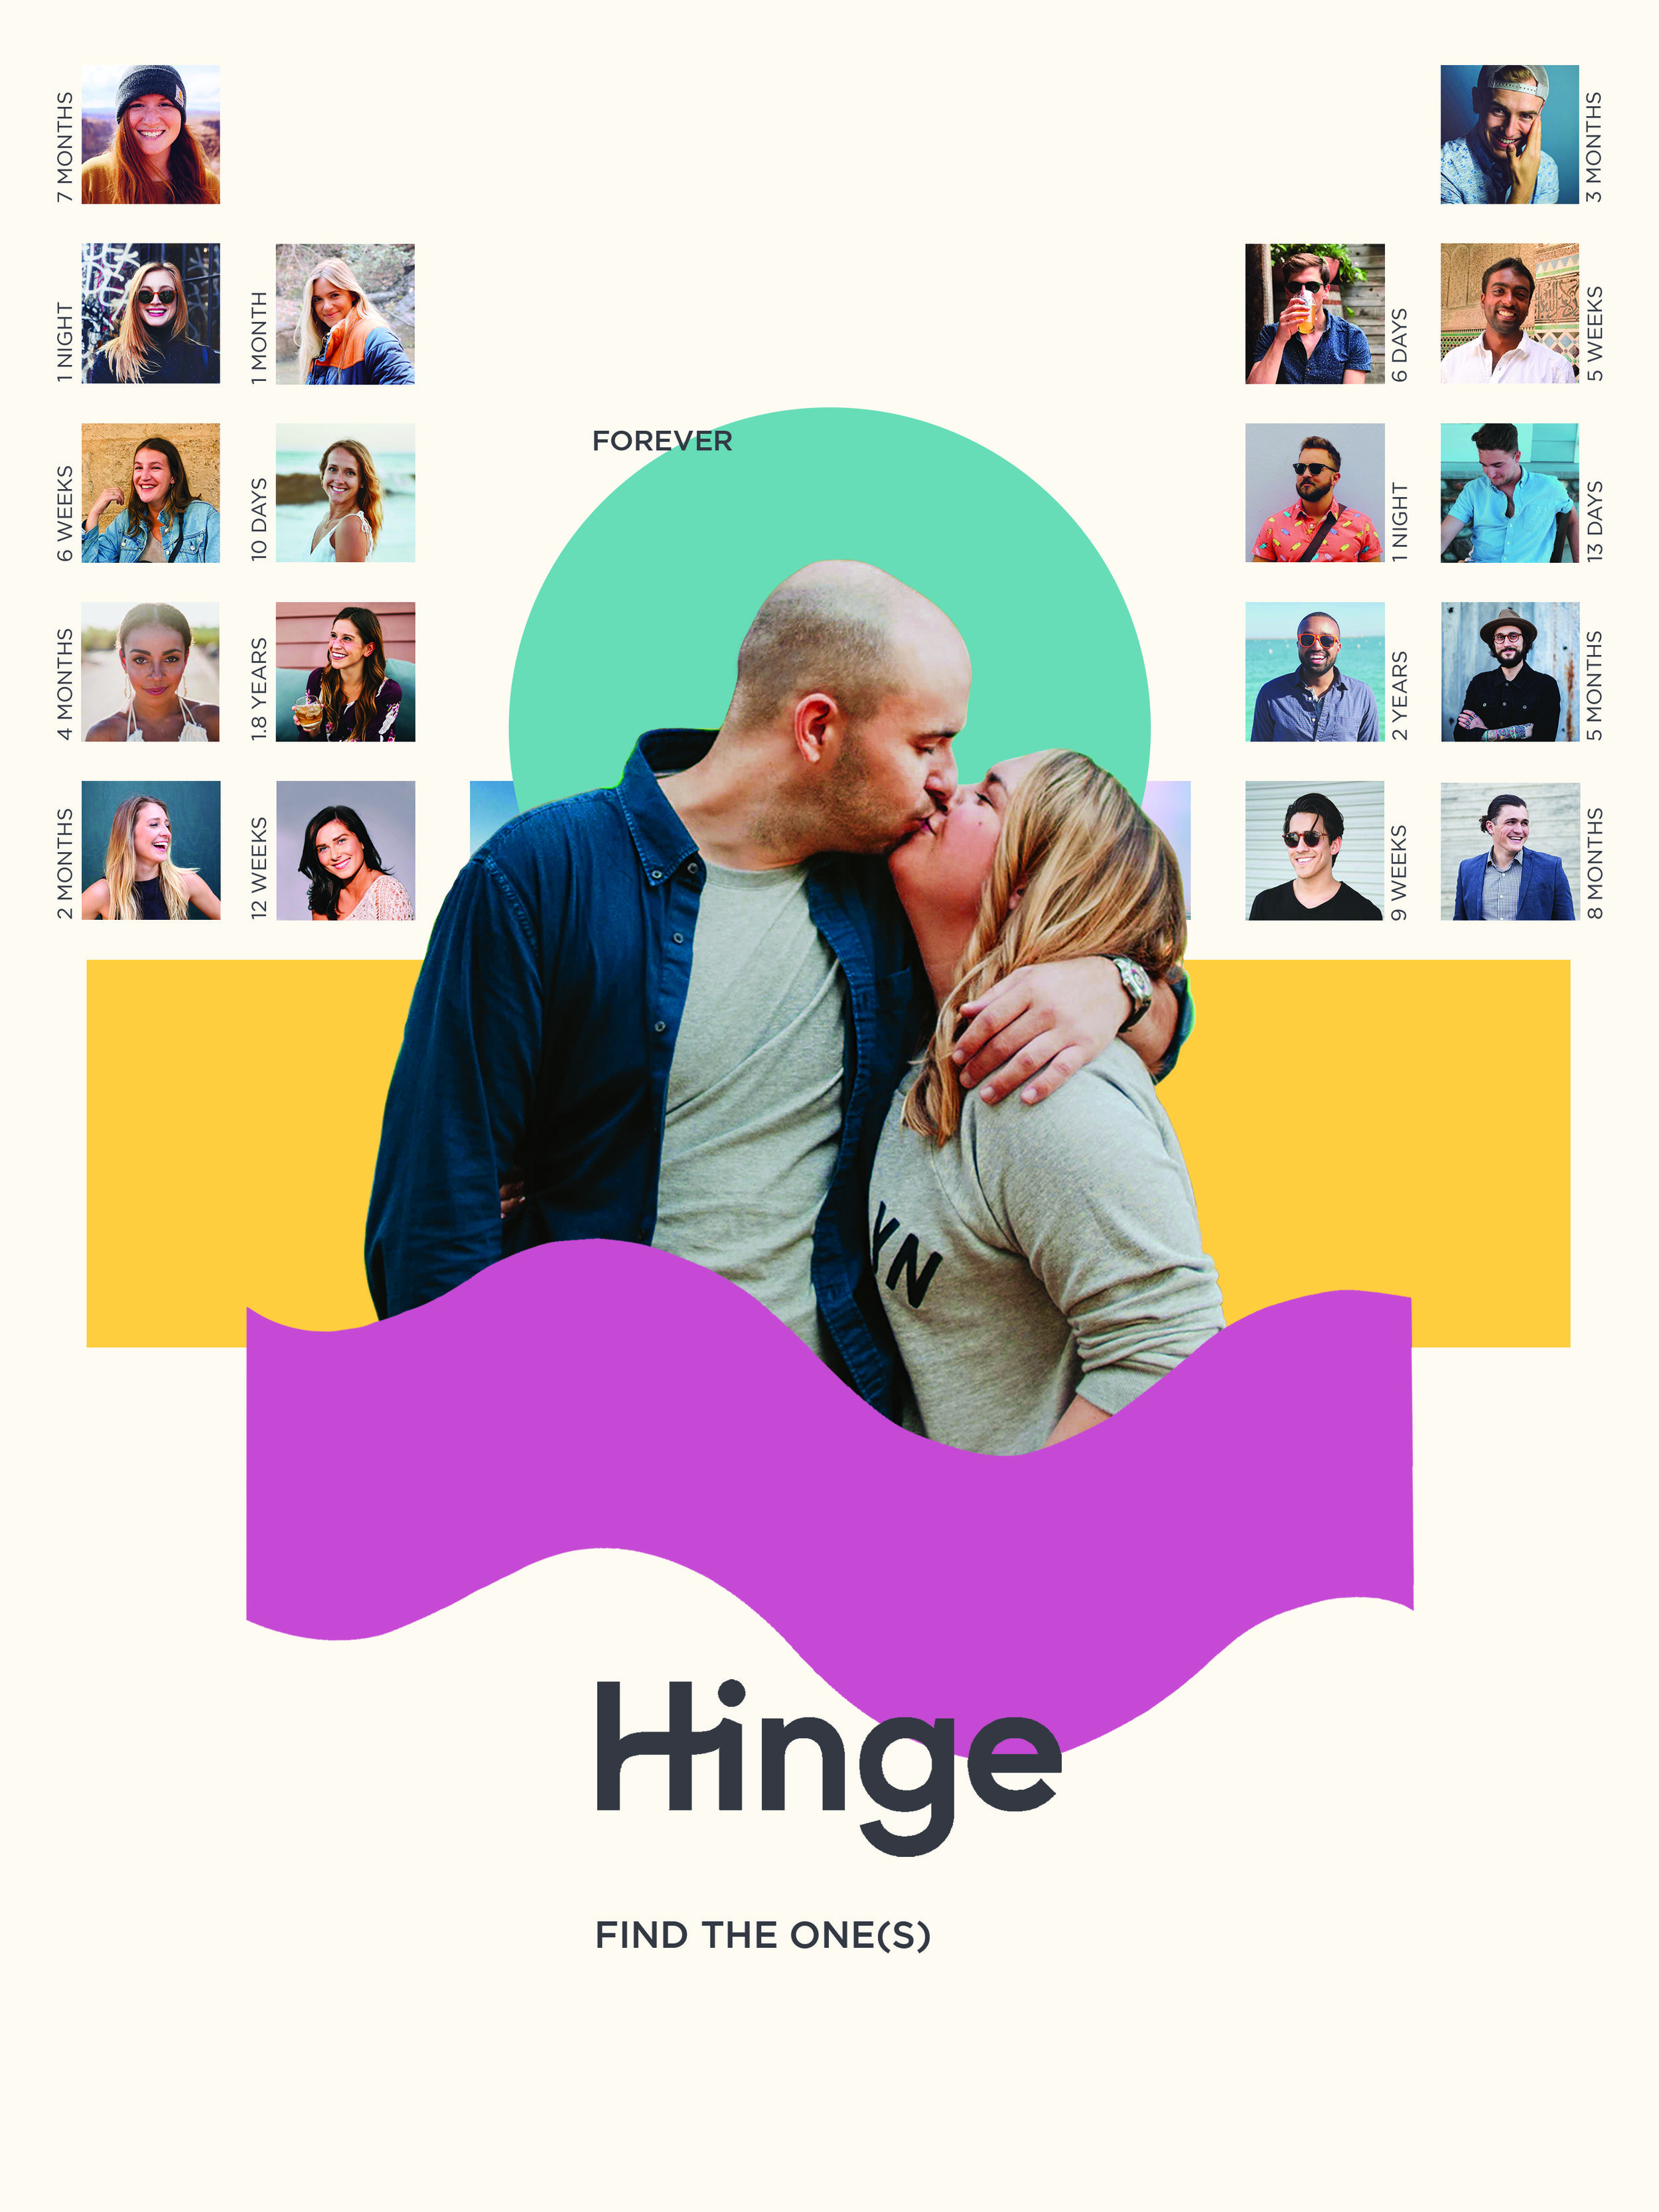 Hinge - Print 3.jpg